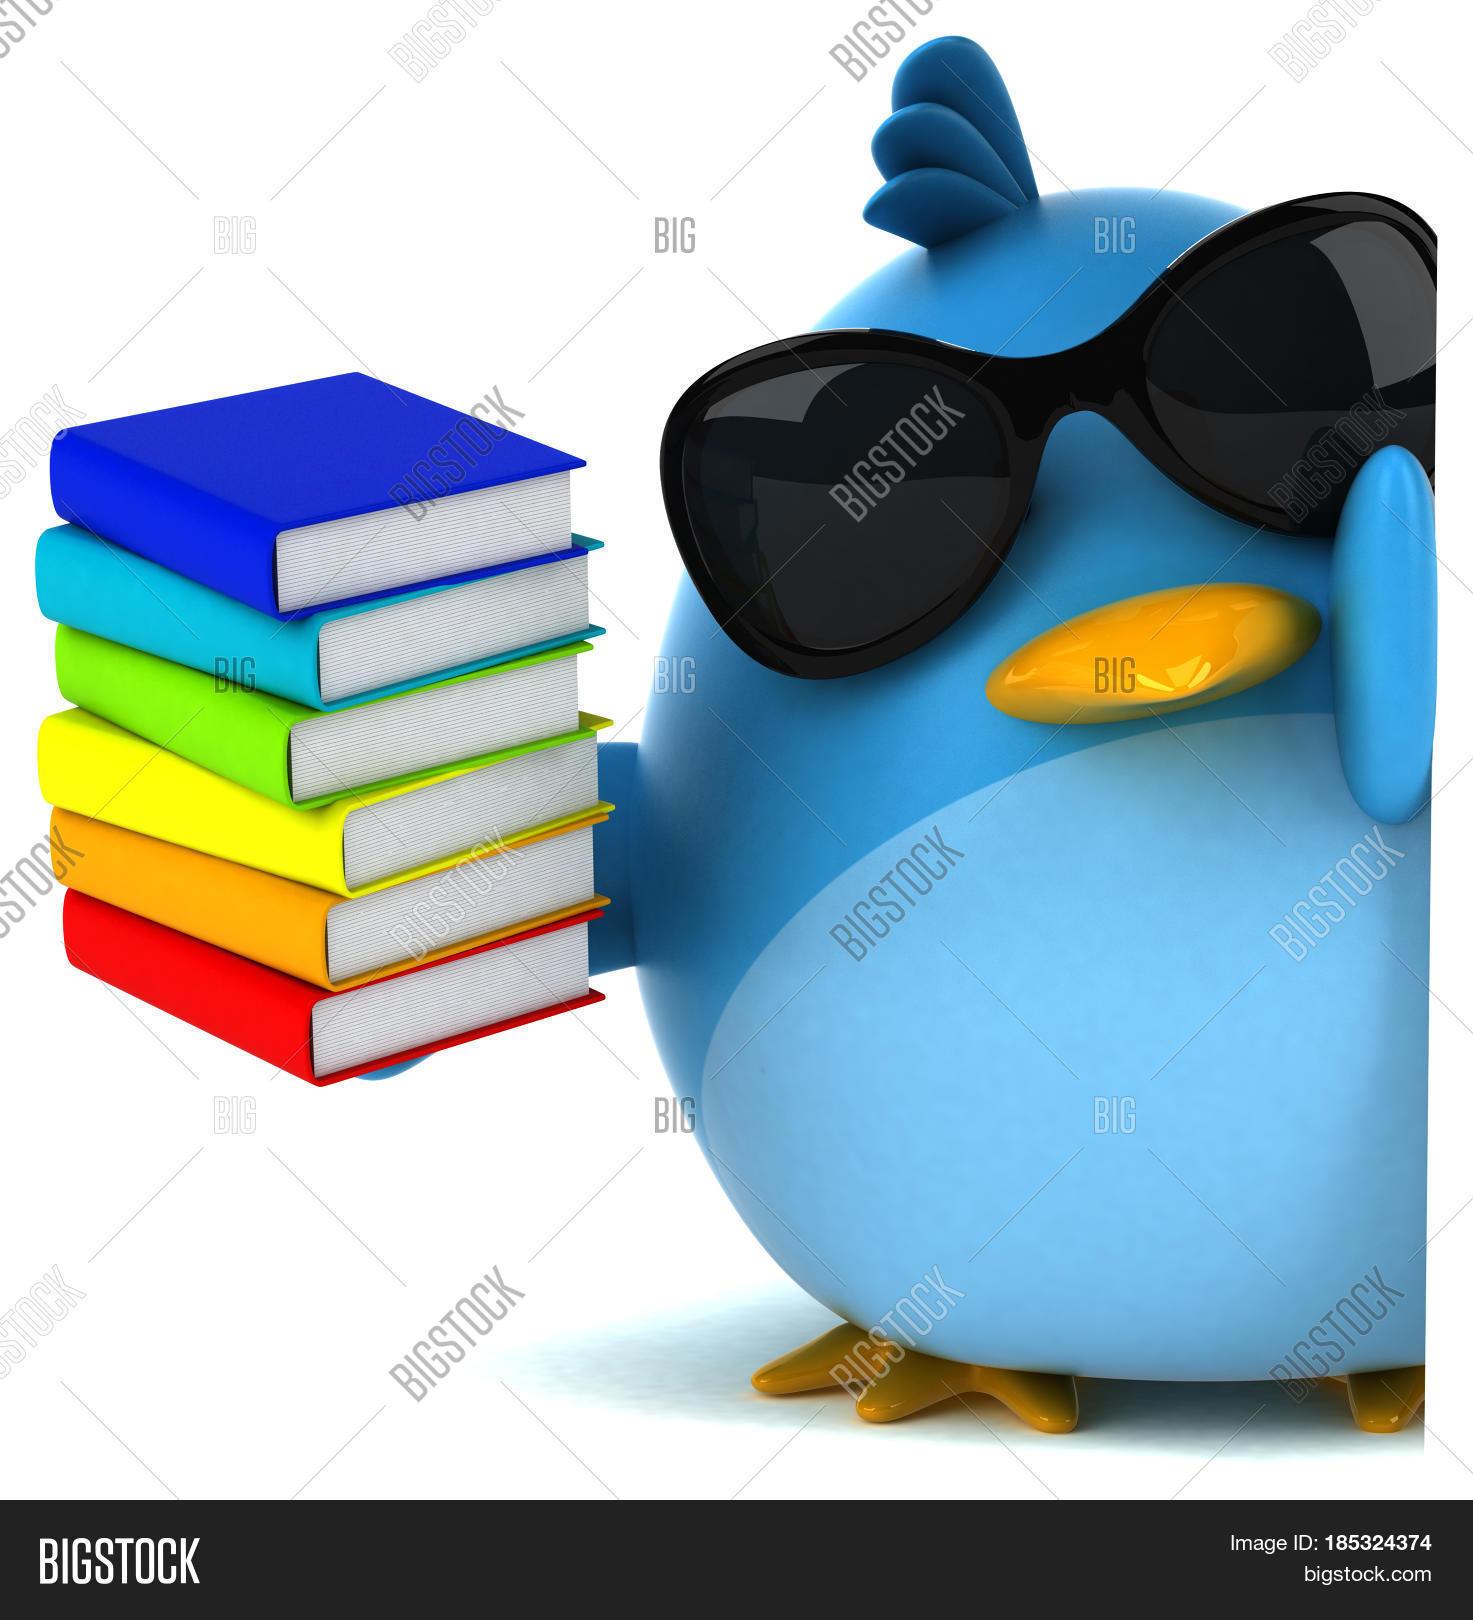 Stock Photo Blue Bird 3d Illustration